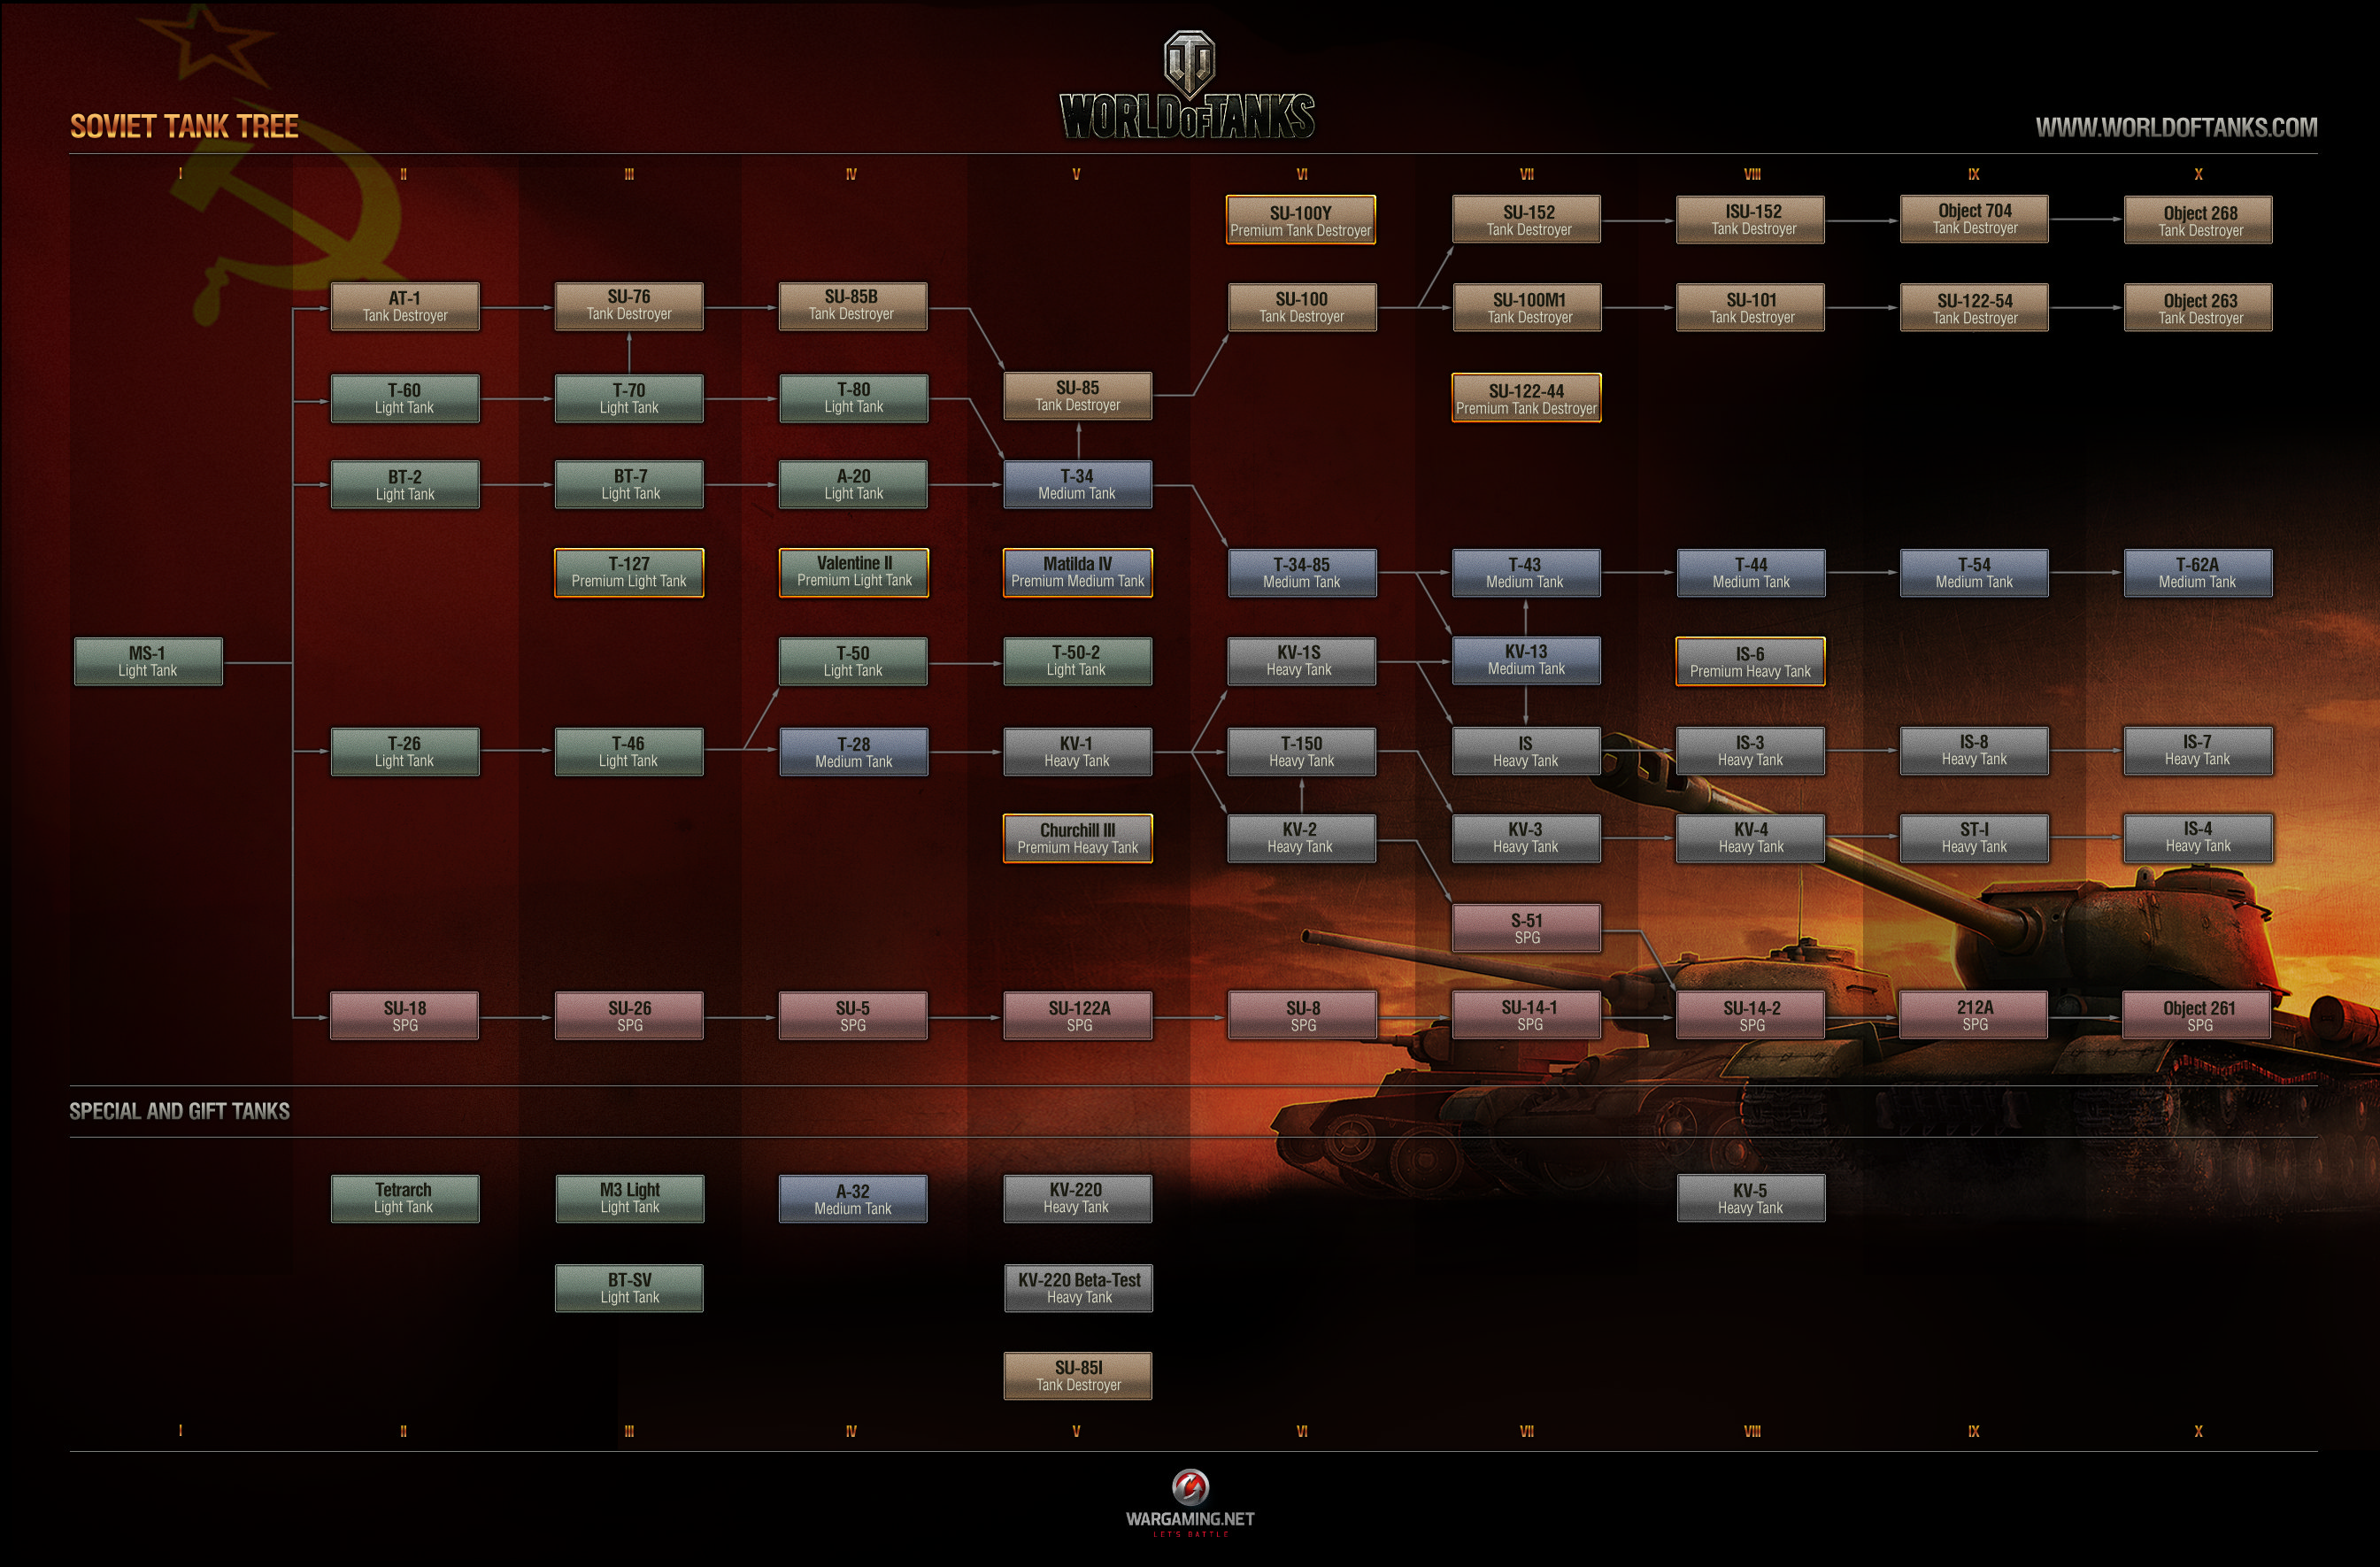 坦克世界8.6版最新六系科技树全图